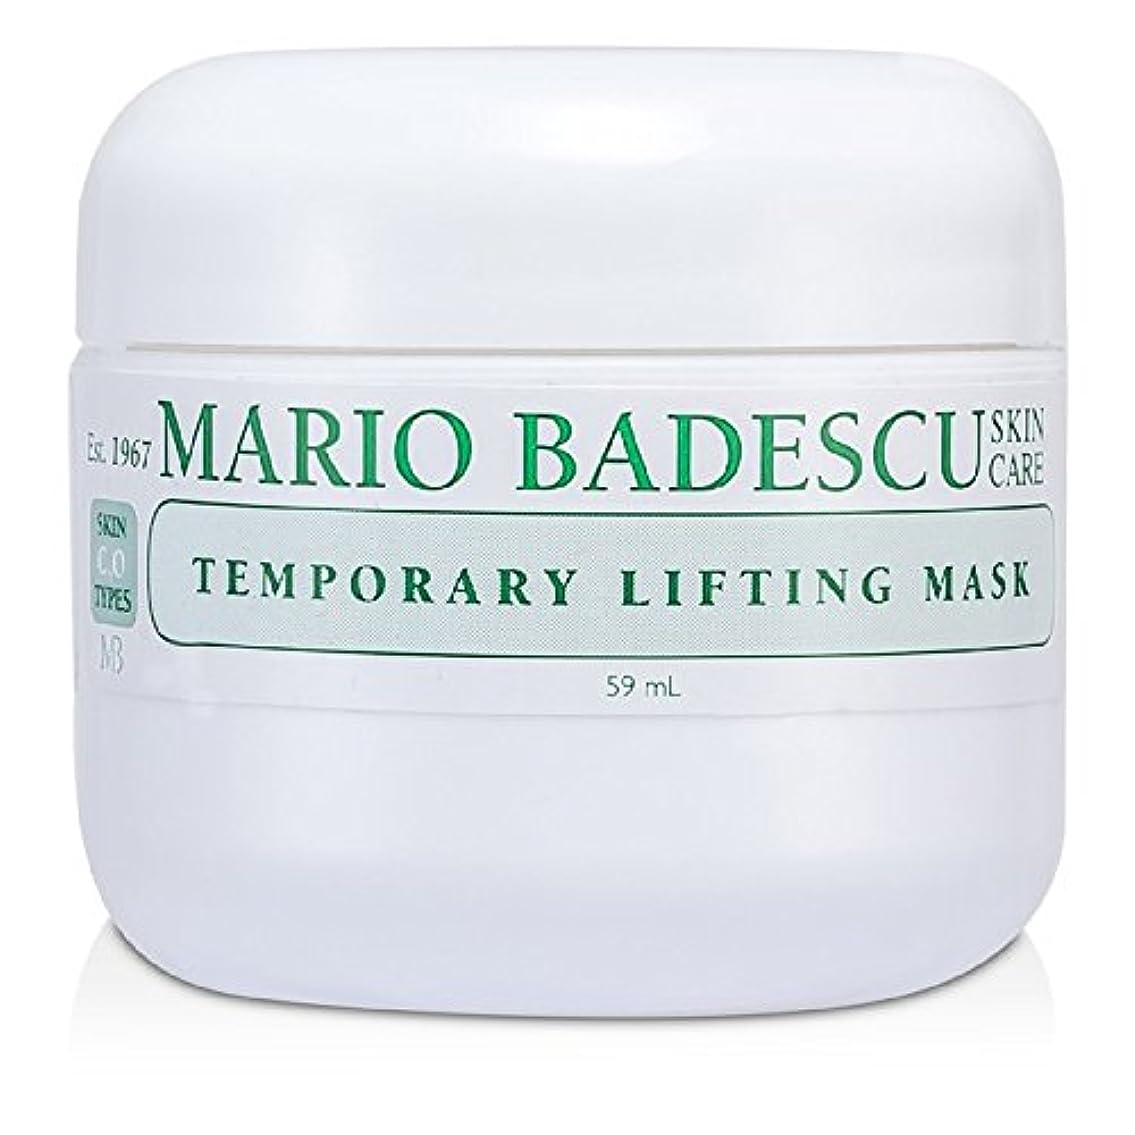 債務分子添加マリオ バデスク テンポラリーリフティング マスク 59ml/2oz並行輸入品